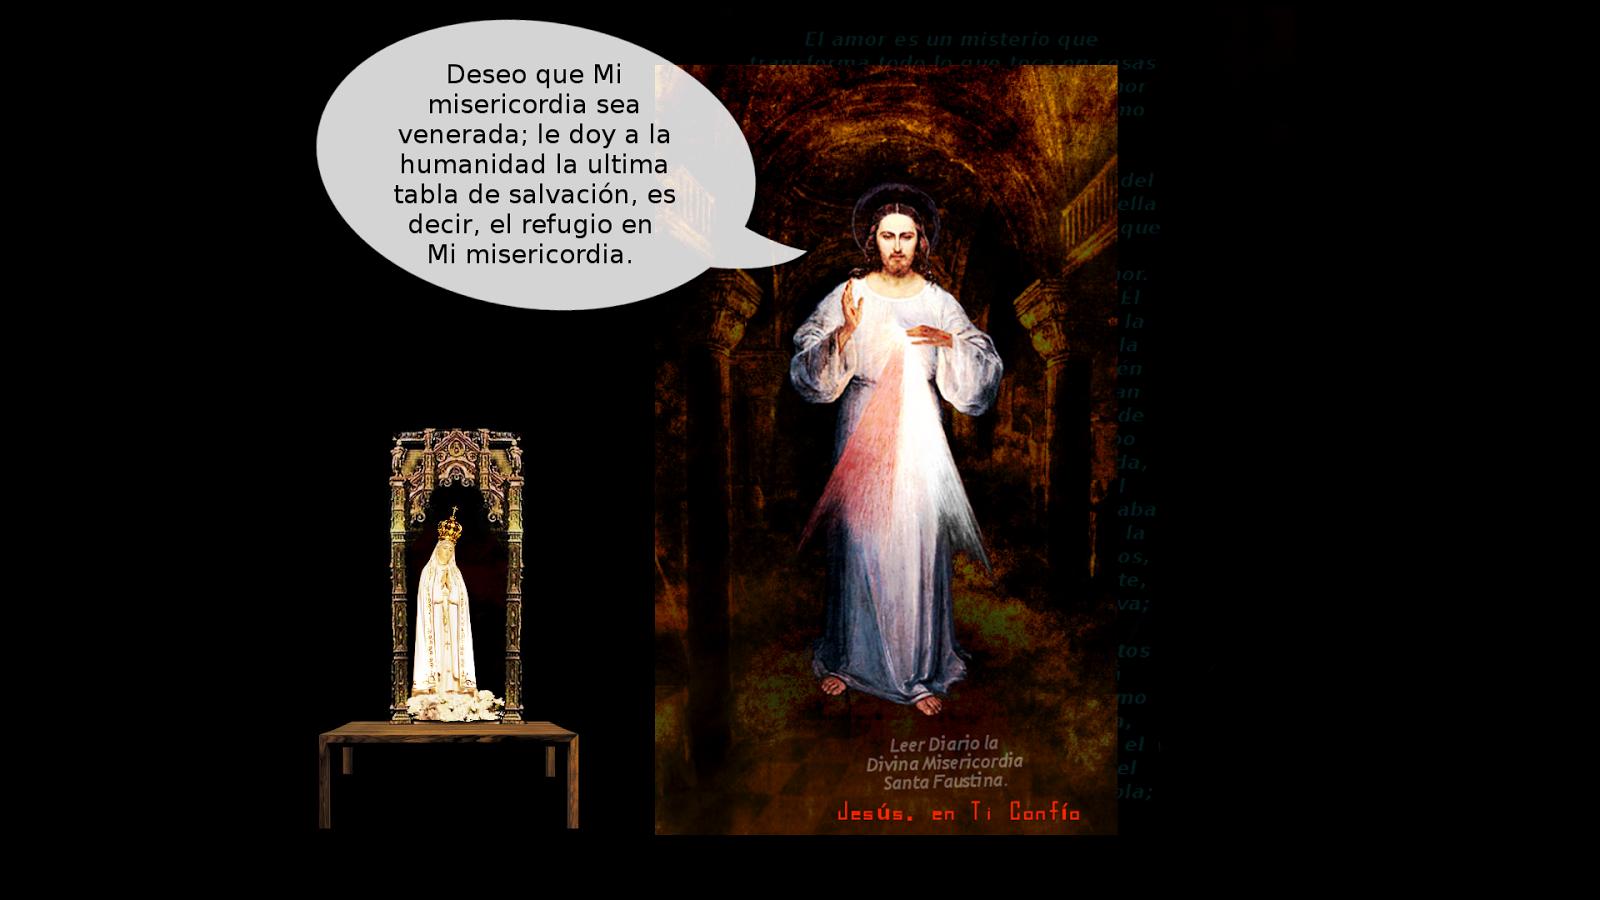 foto jesus divina misericordia para preparar el mundo a su segunda venida